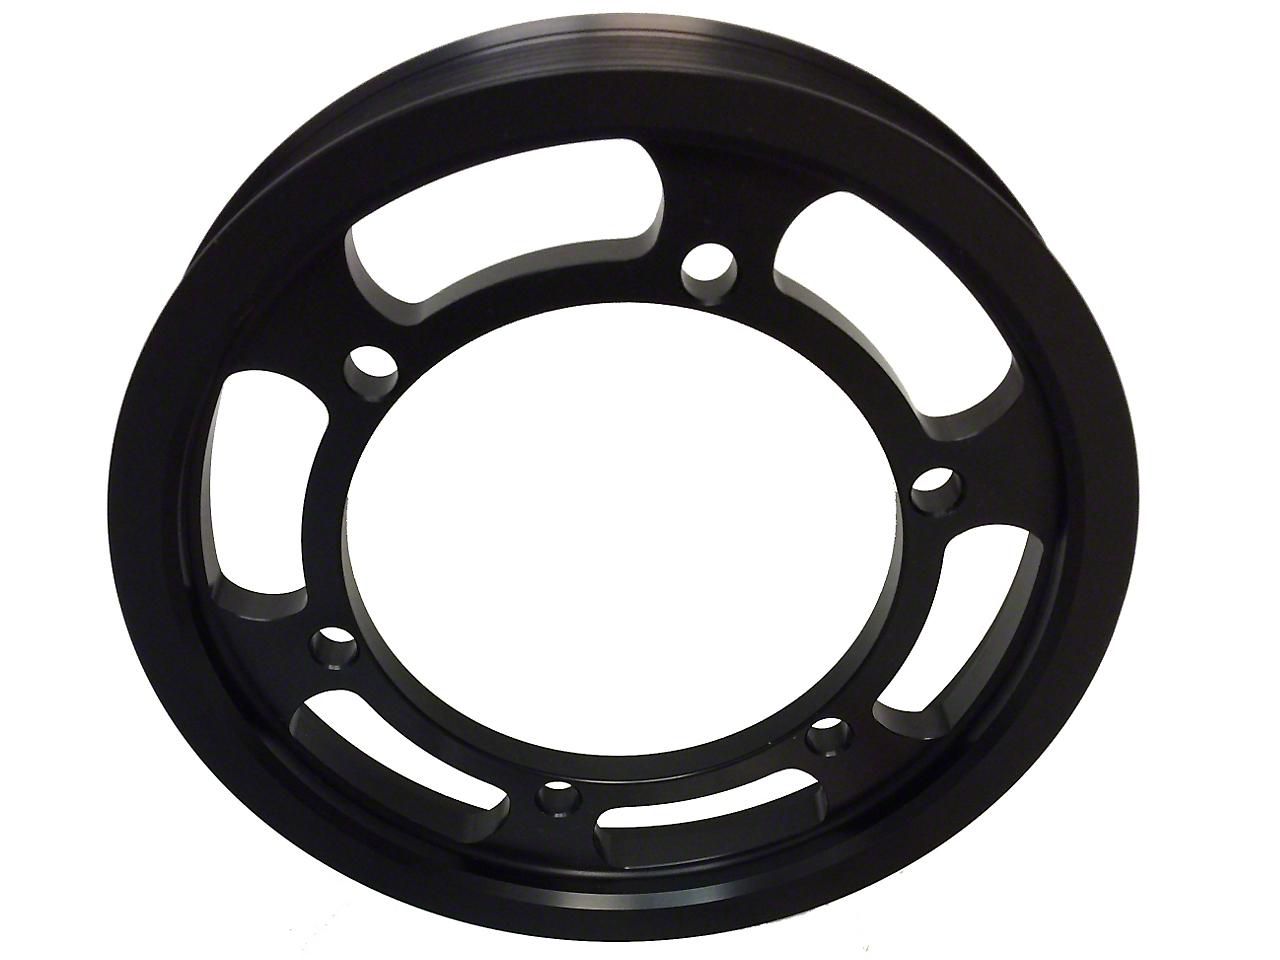 Metco Motorsports Crank Pulley Ring - 2lb Boost (03-04 Cobra)